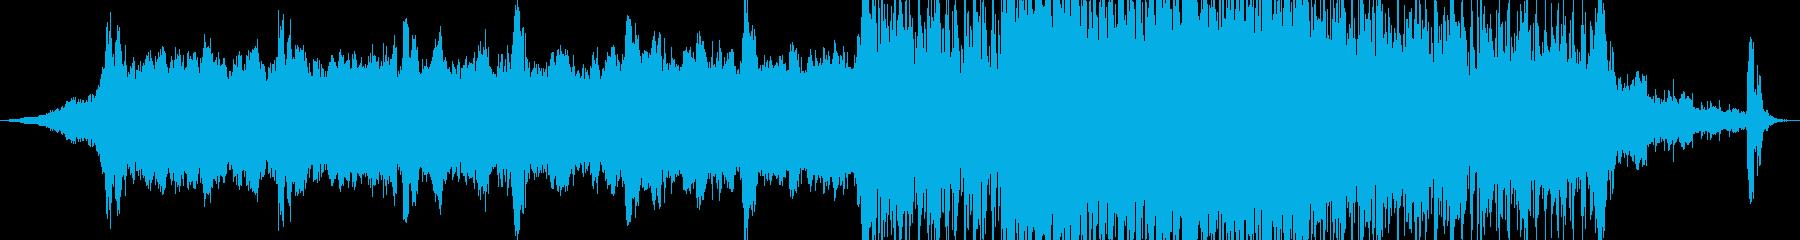 劇的 エピック オーケストラ 音楽の再生済みの波形